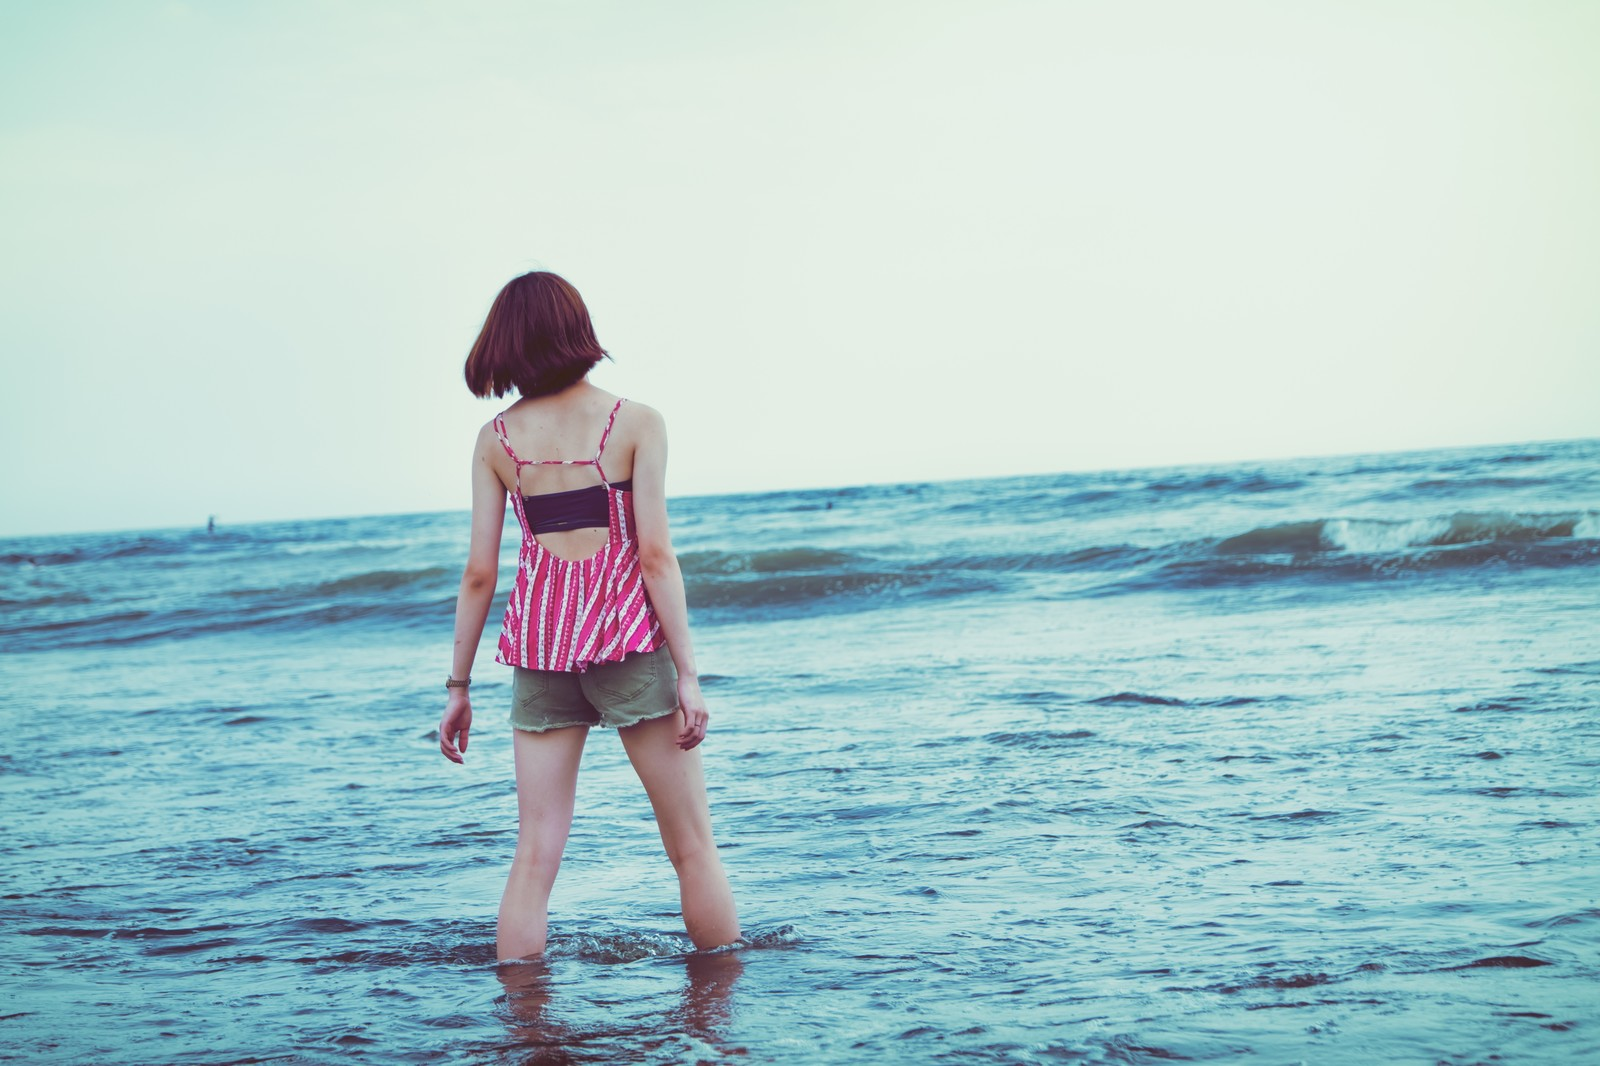 「切ない夏の海切ない夏の海」のフリー写真素材を拡大